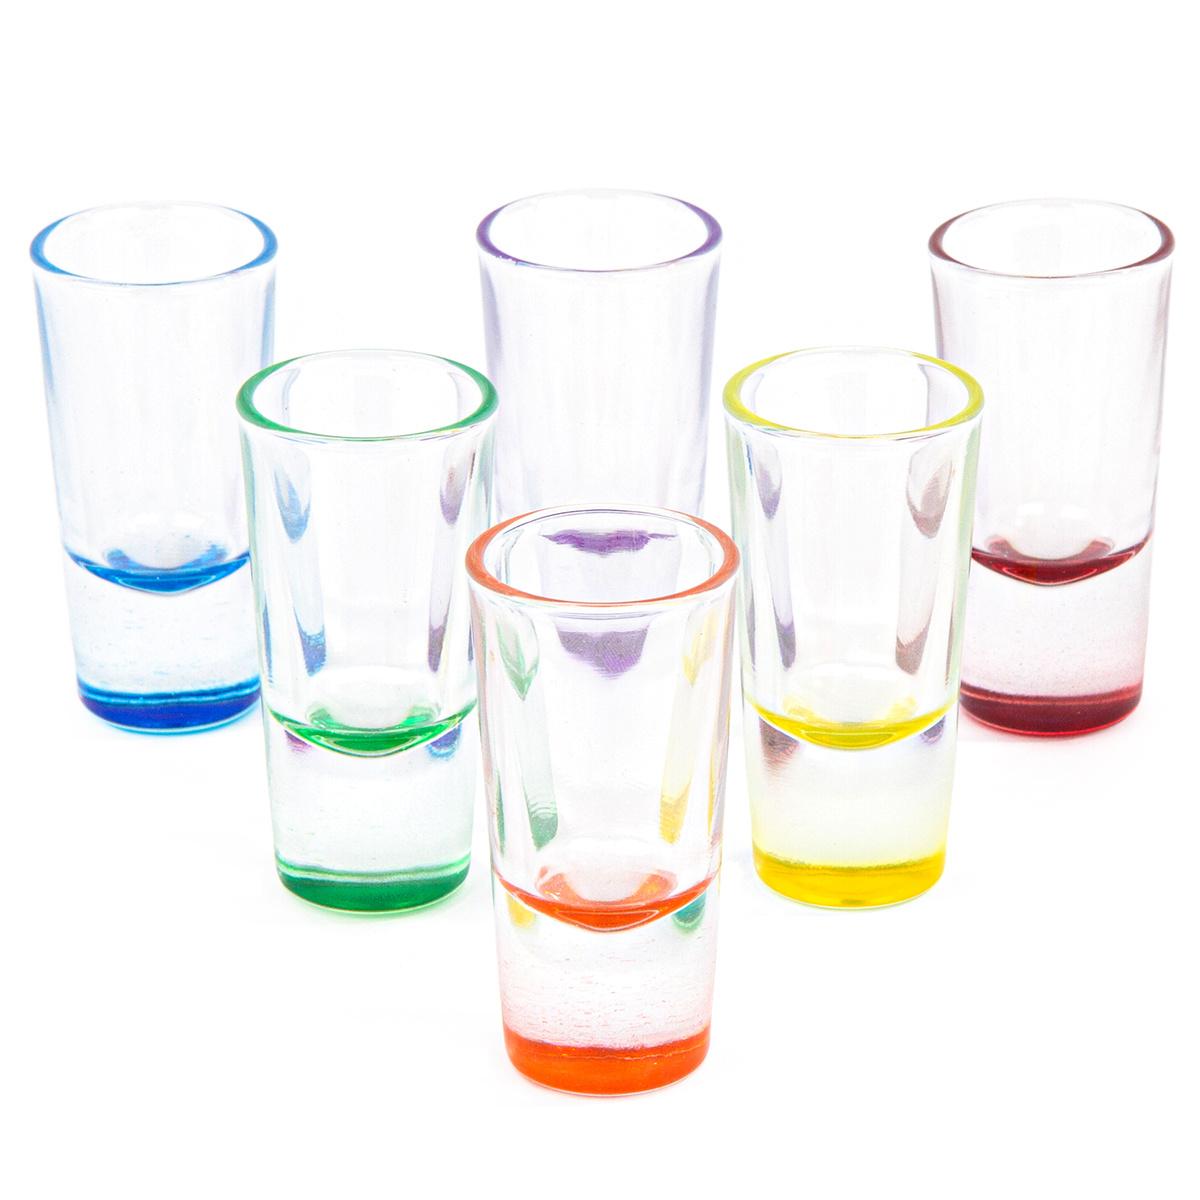 Altom 6-częściowy zestaw kieliszków na wódkę 25 ml, kolorowe dno